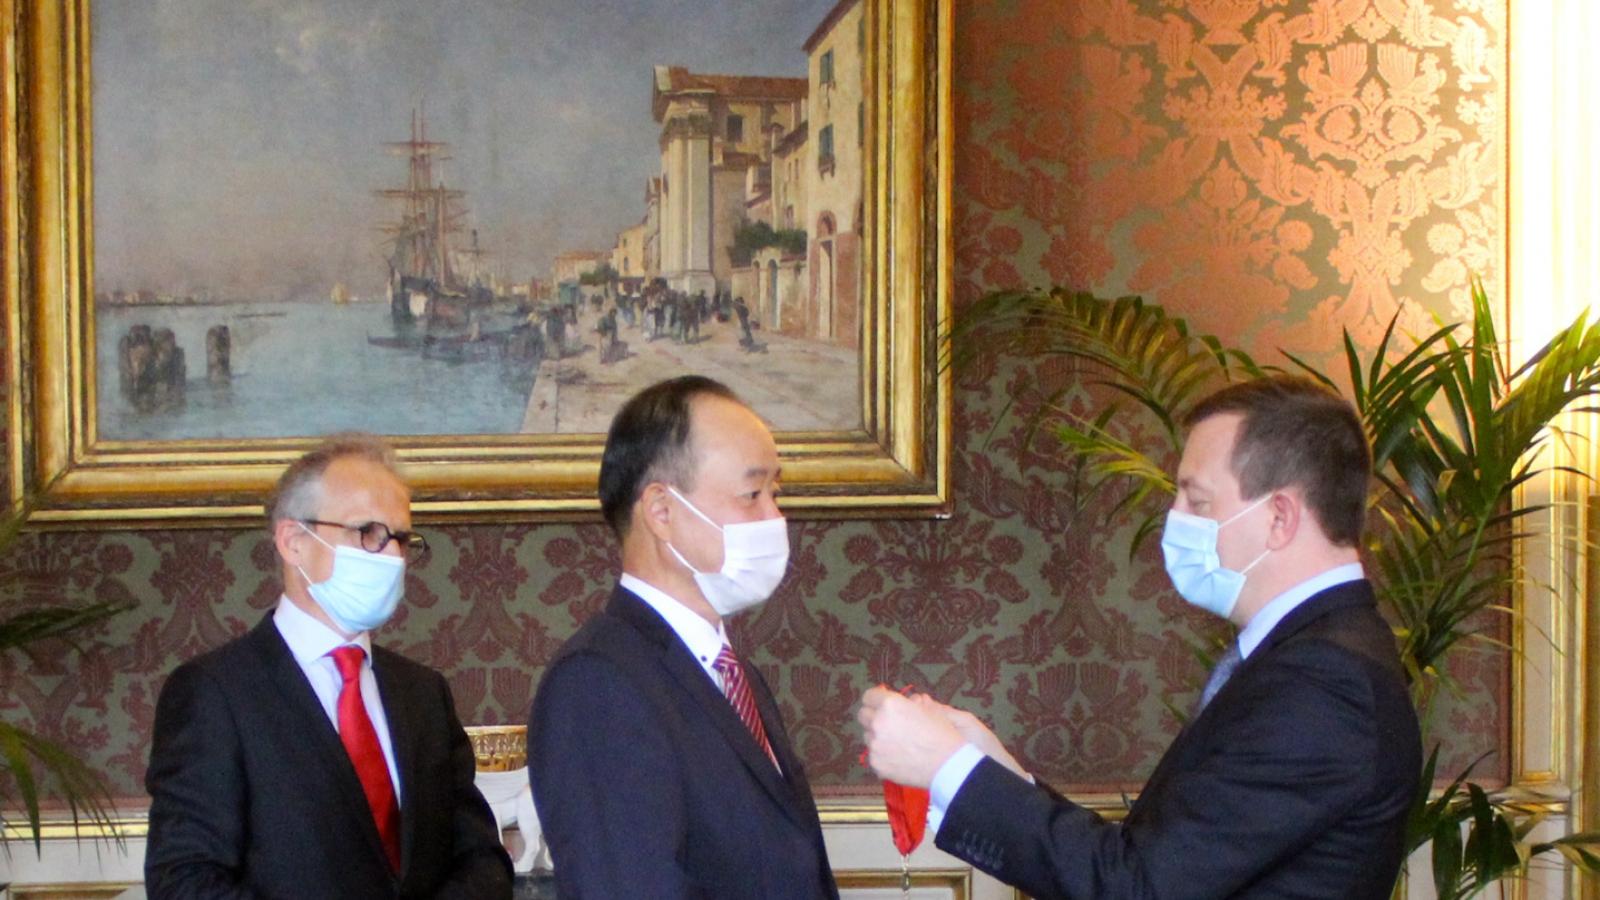 Đại sứ Việt Nam tại Pháp Nguyễn Thiệp nhận Huân chương Bắc đẩu Bội tinh